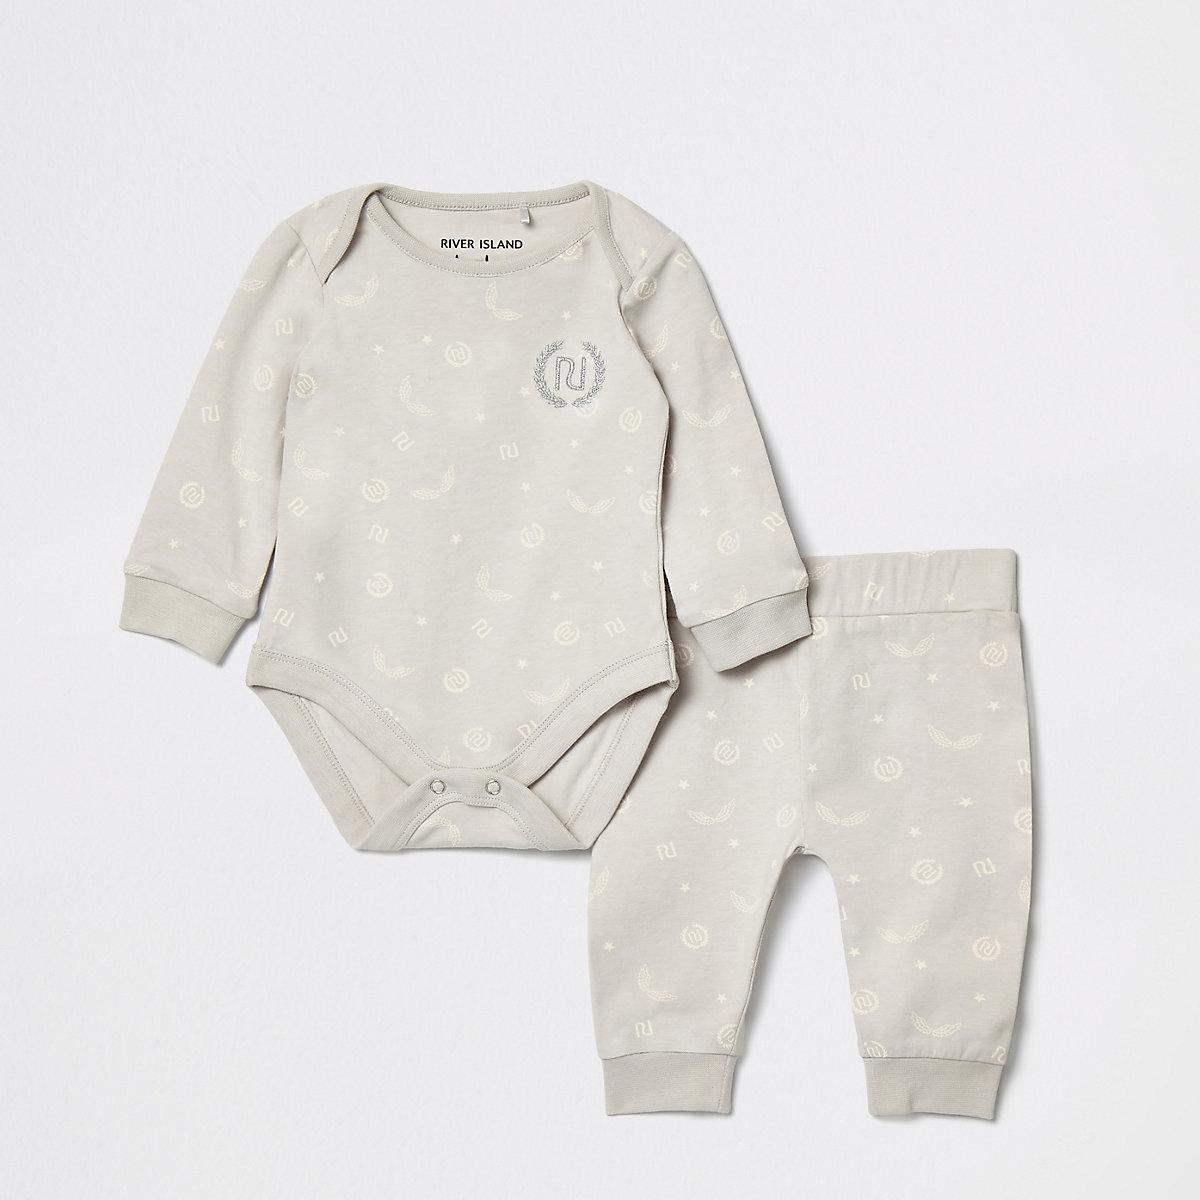 Baby grey RI print jogger outfit